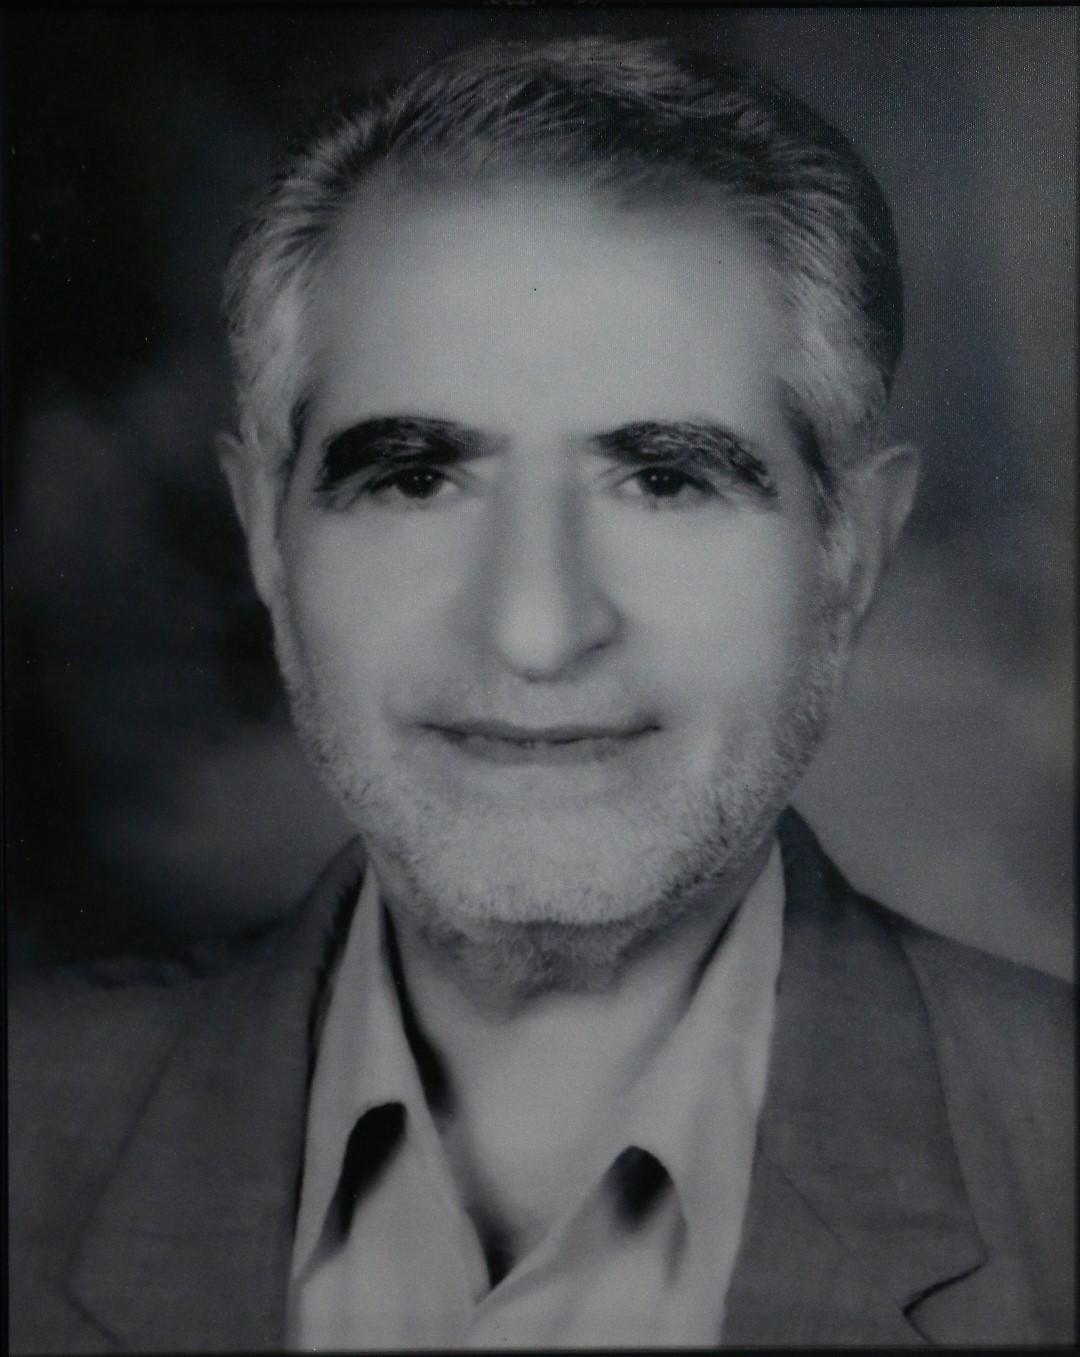 Mohammad Hossein Taheri